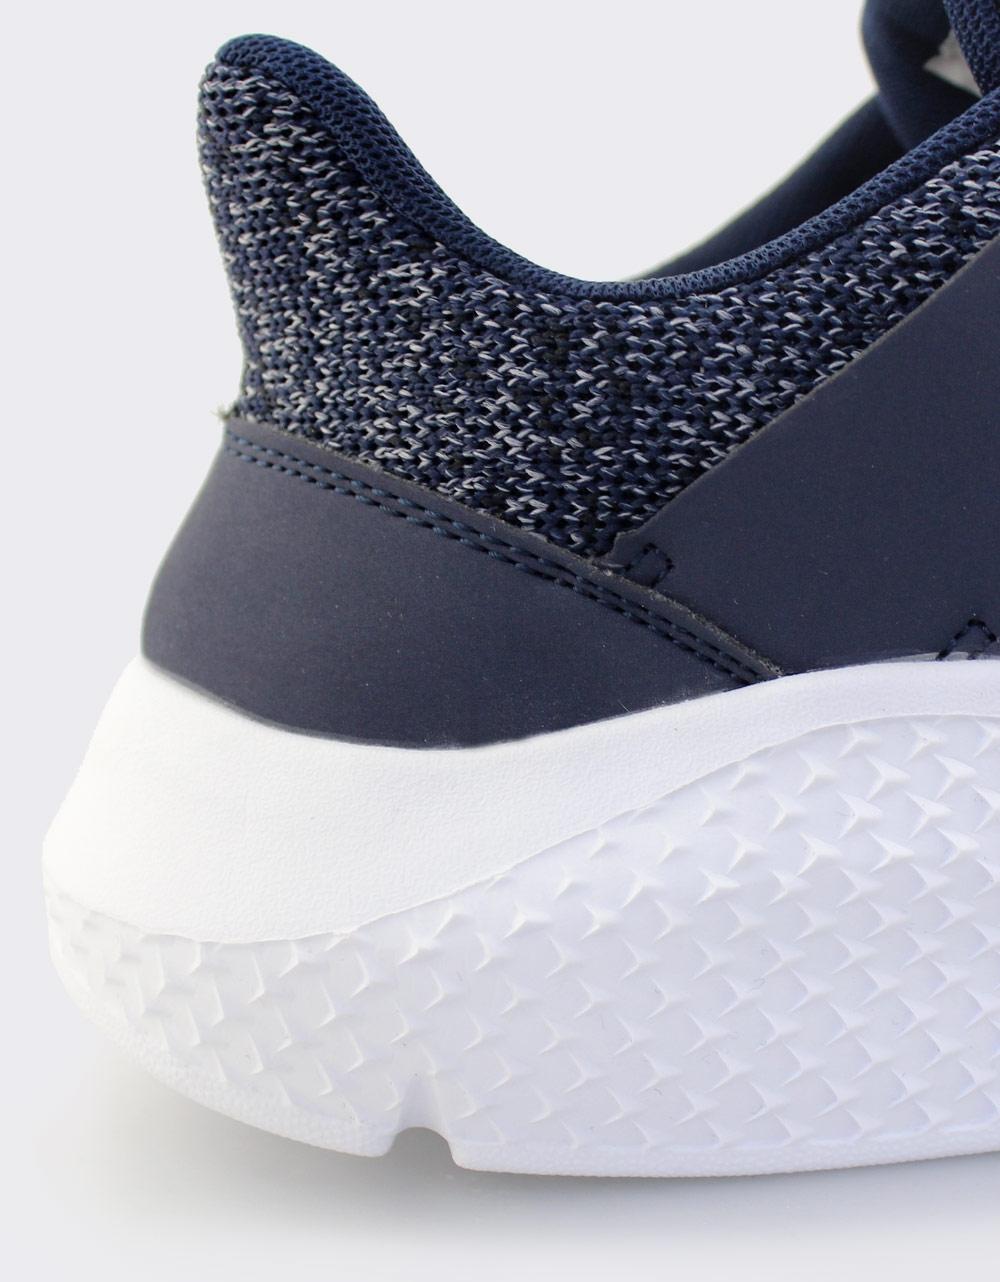 Εικόνα από Ανδρικά sneakers με δίχρωμη λεπτομέρεια Navy